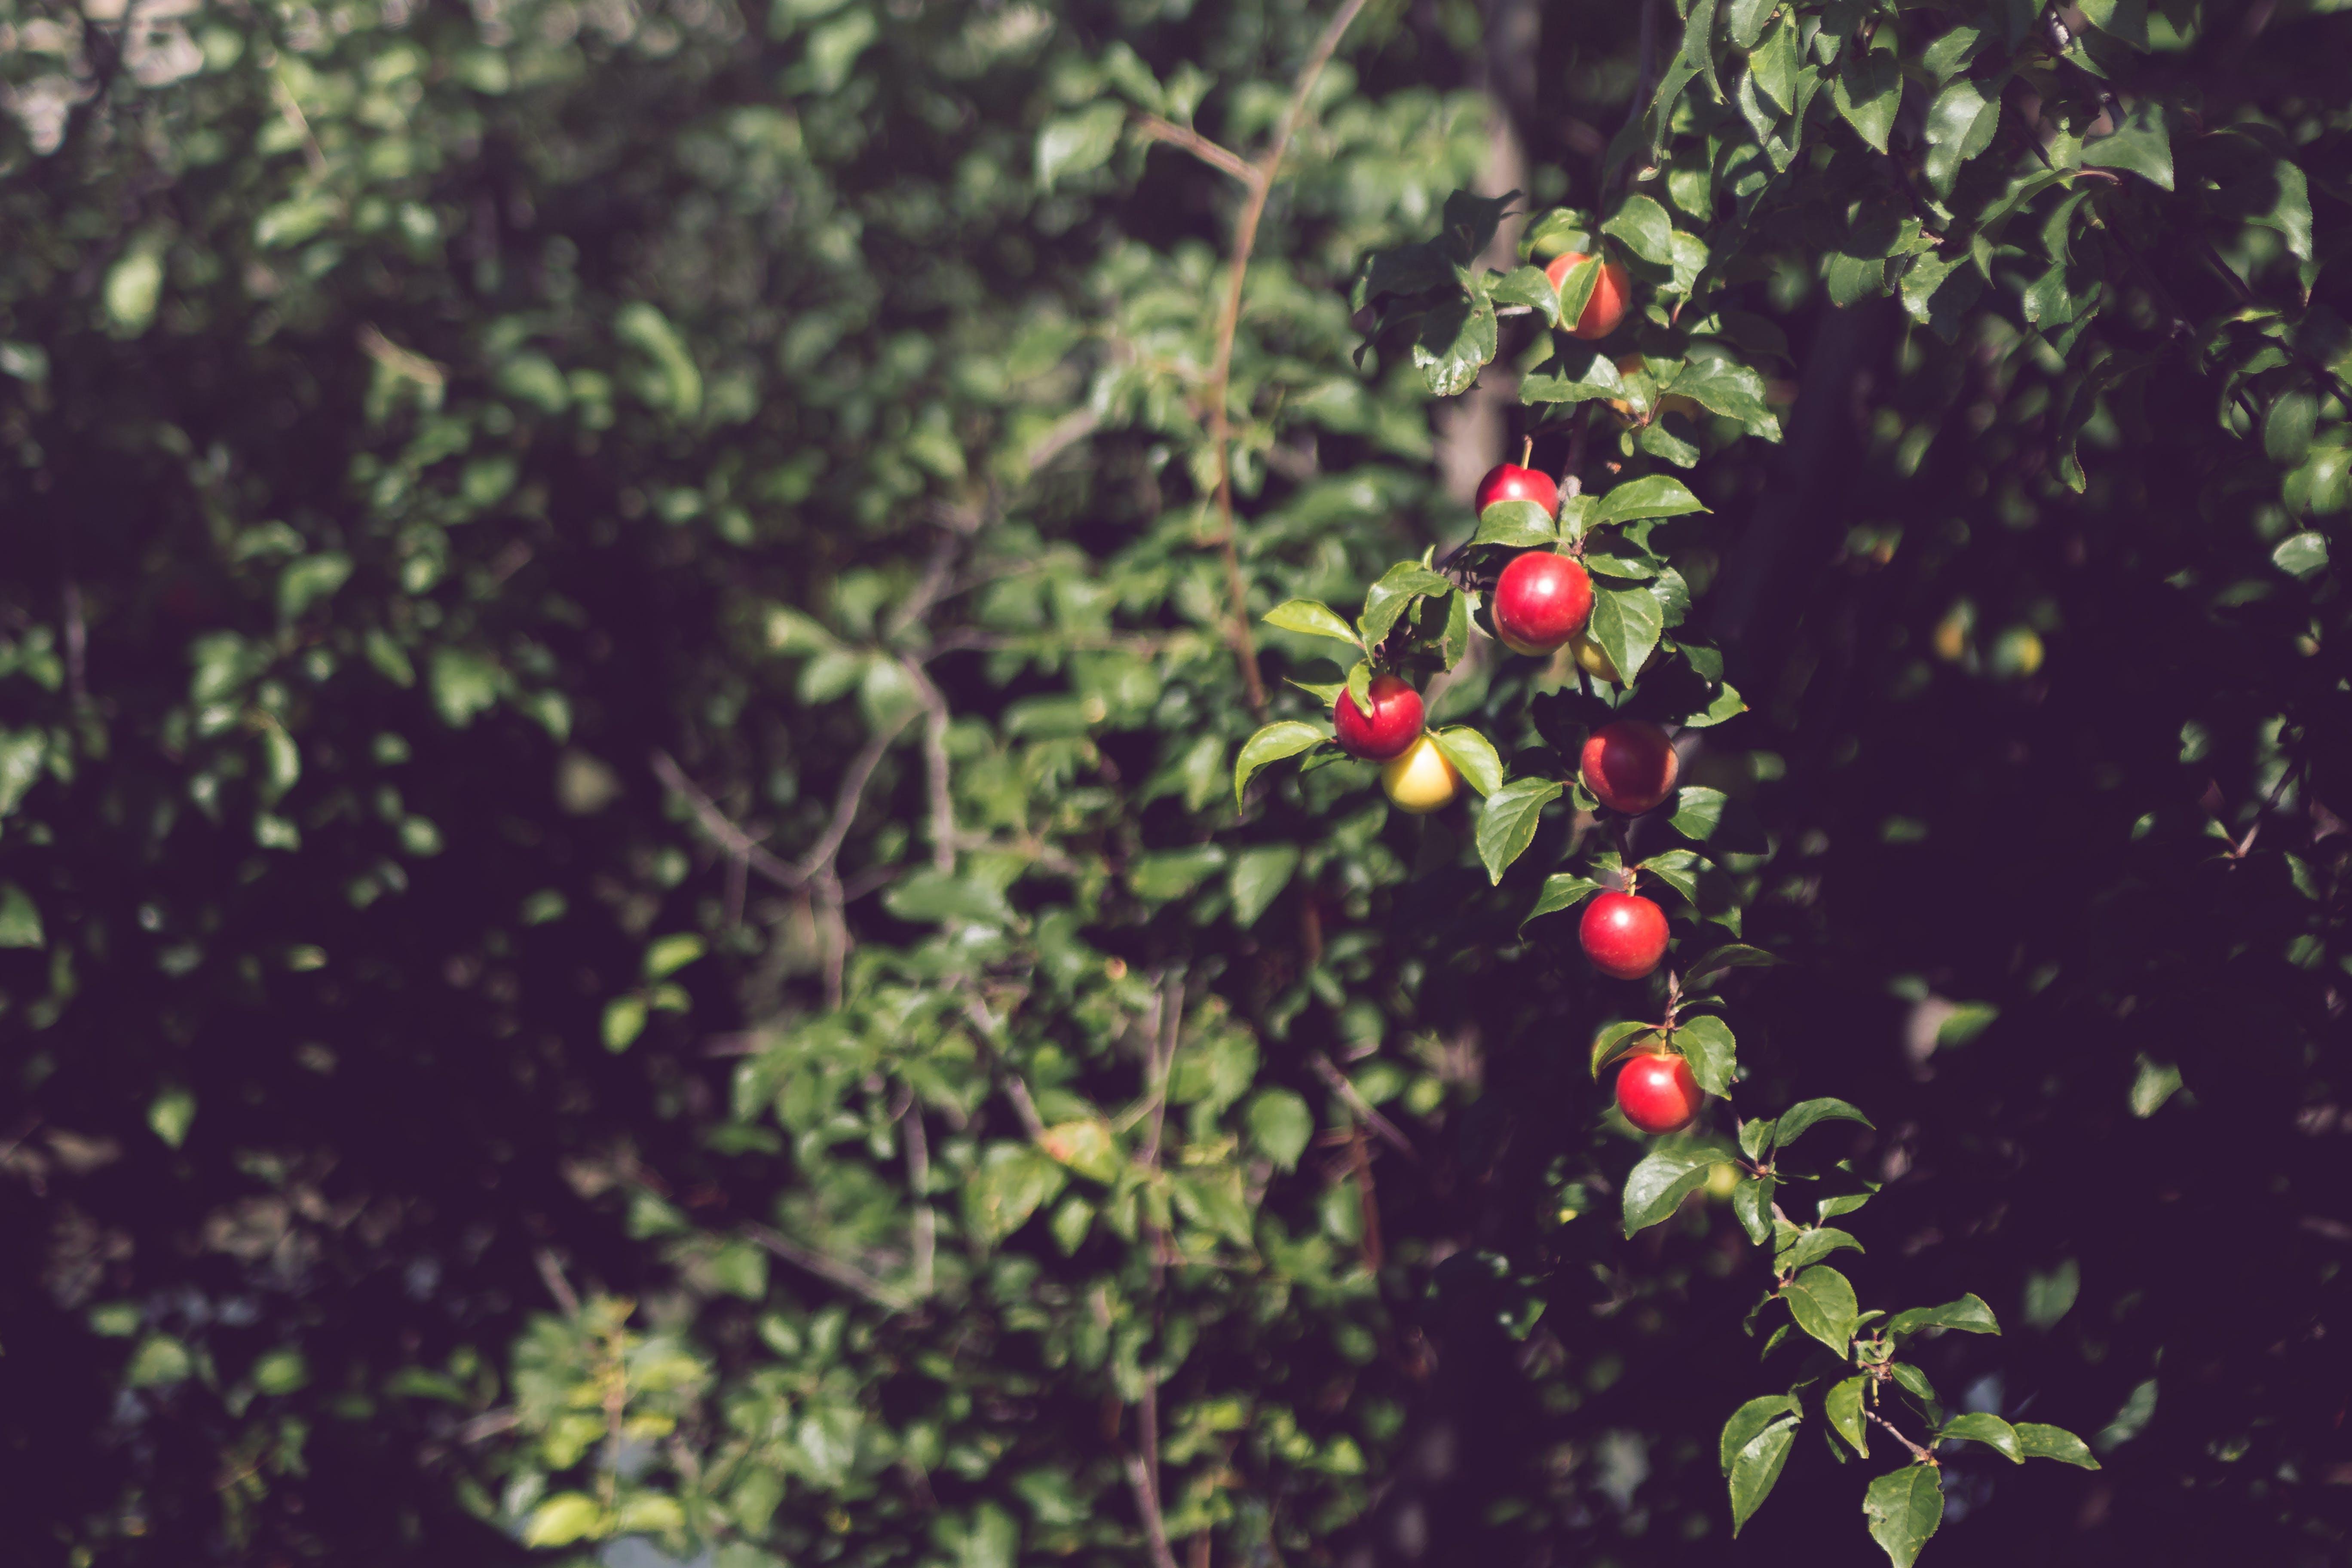 Δωρεάν στοκ φωτογραφιών με δέντρο, τρόφιμα, φρούτα